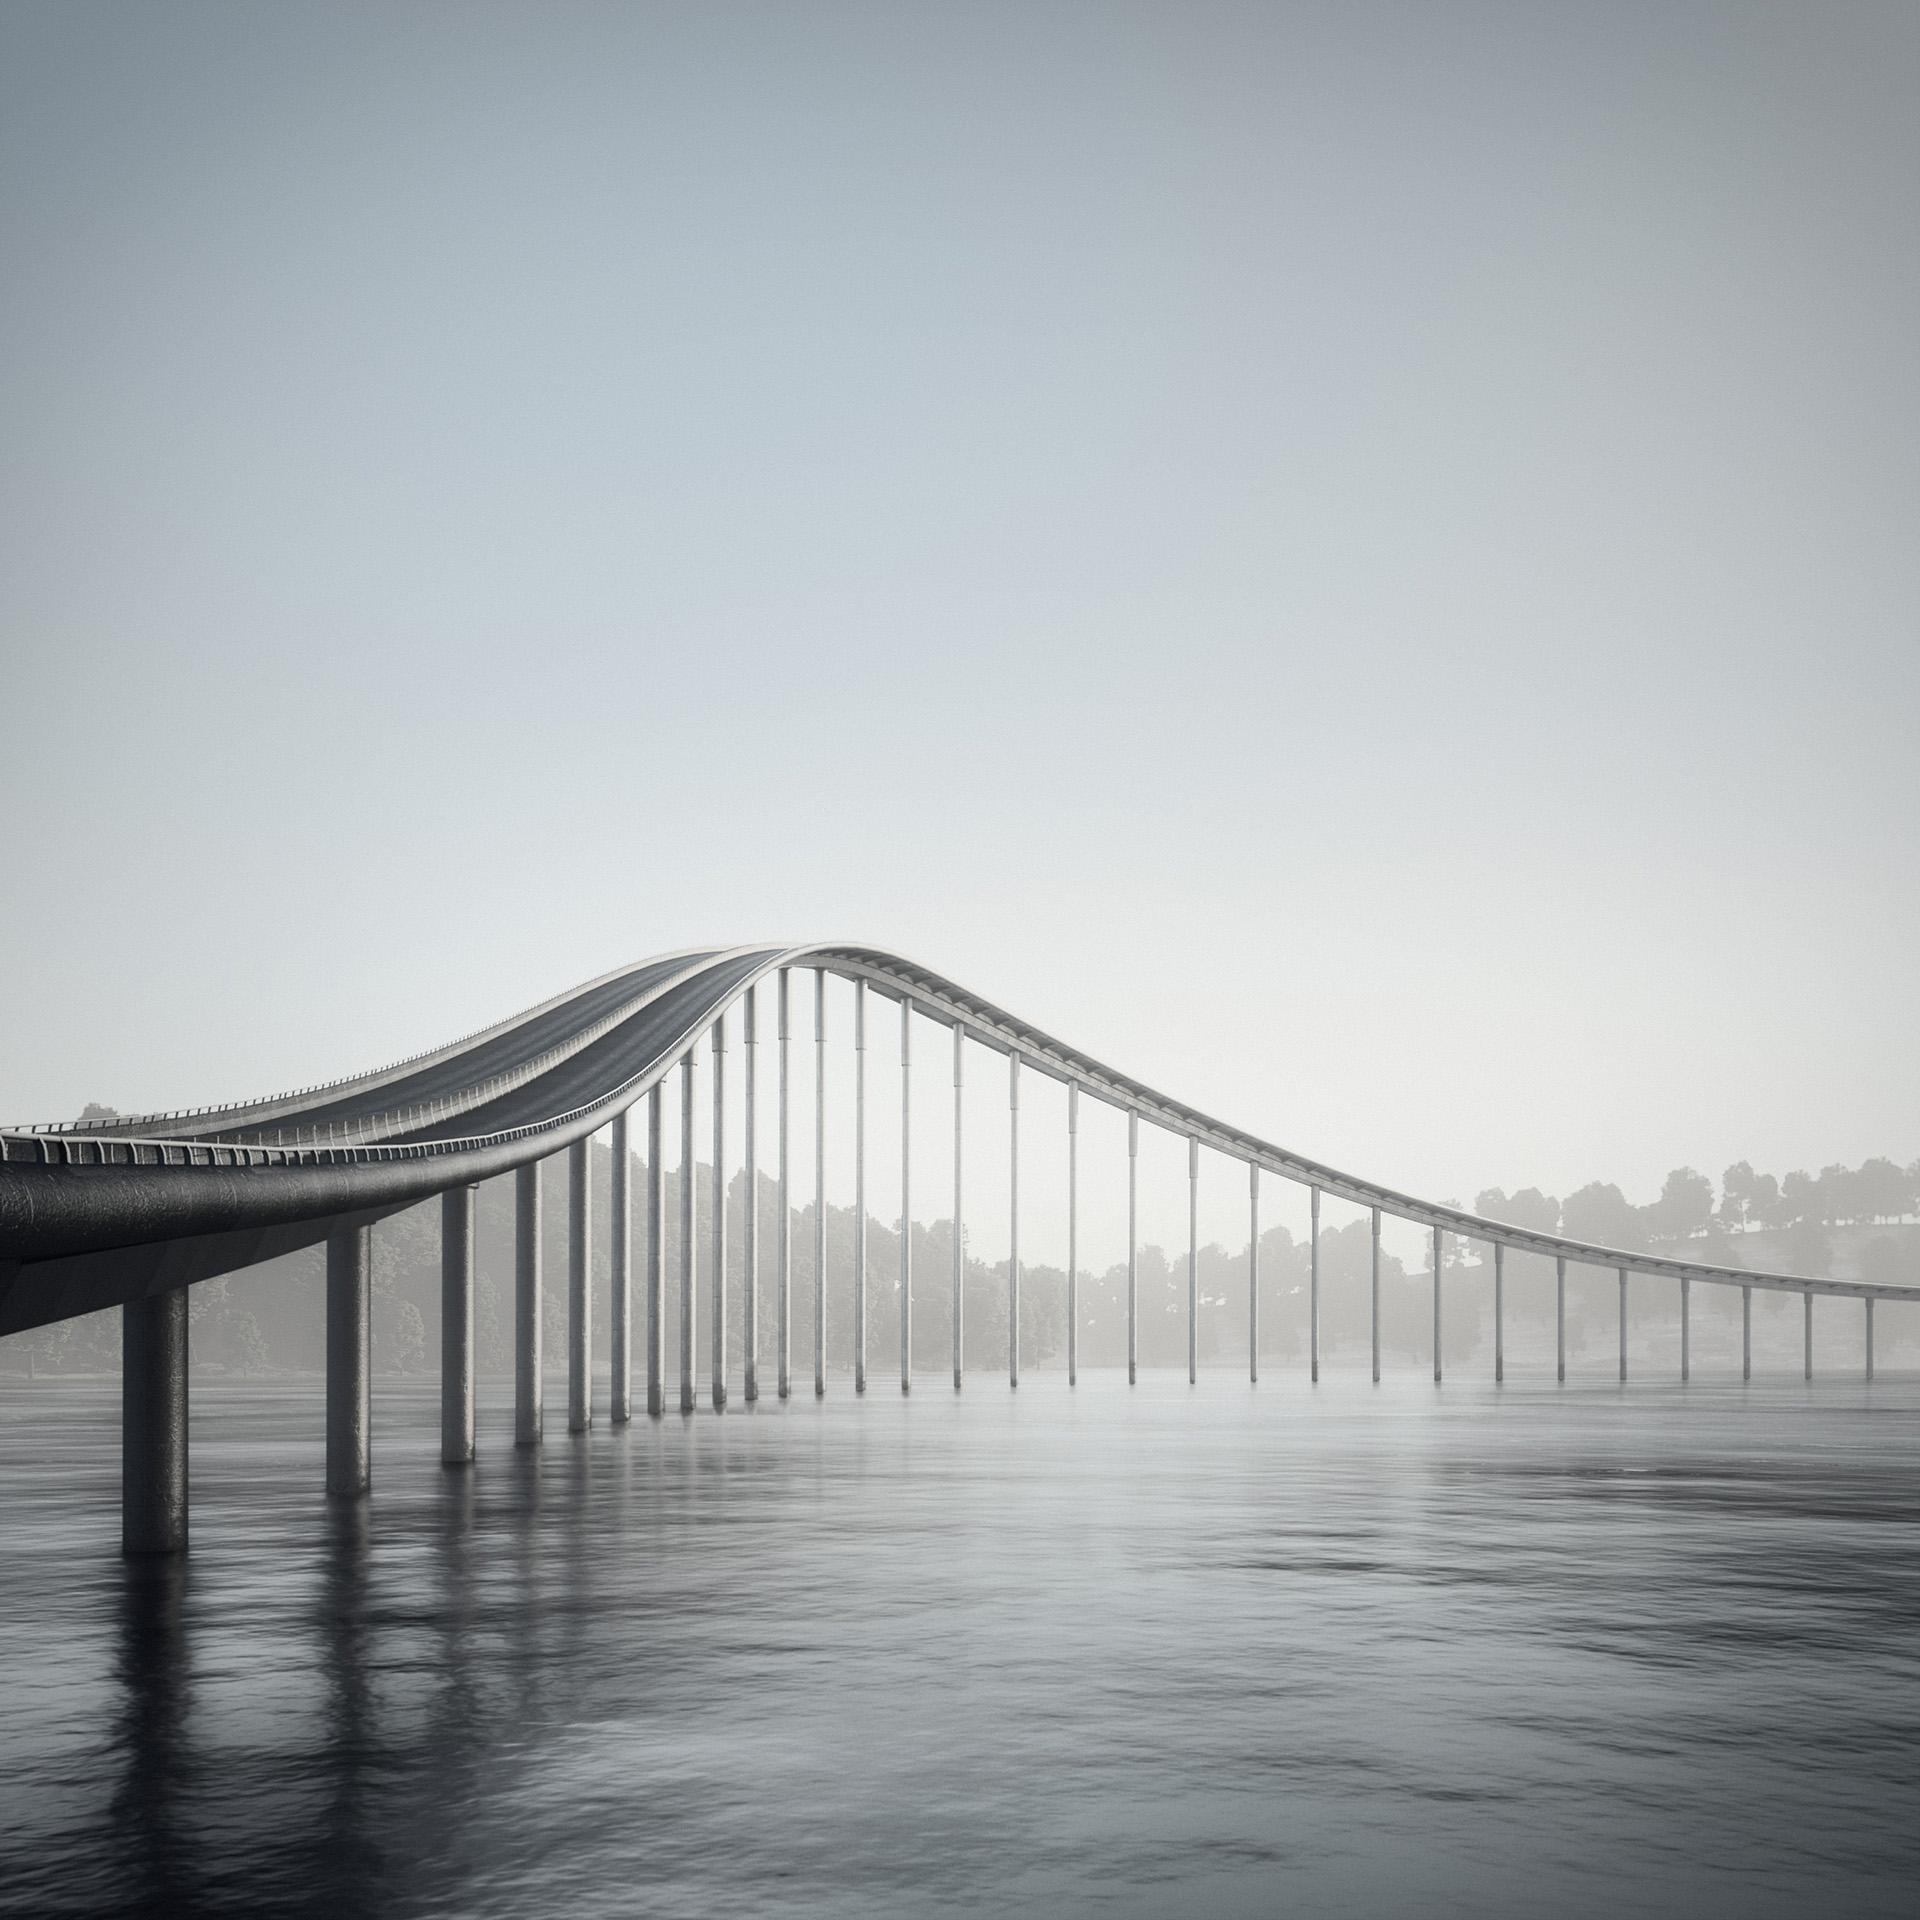 161027_Bridge_2K.jpg